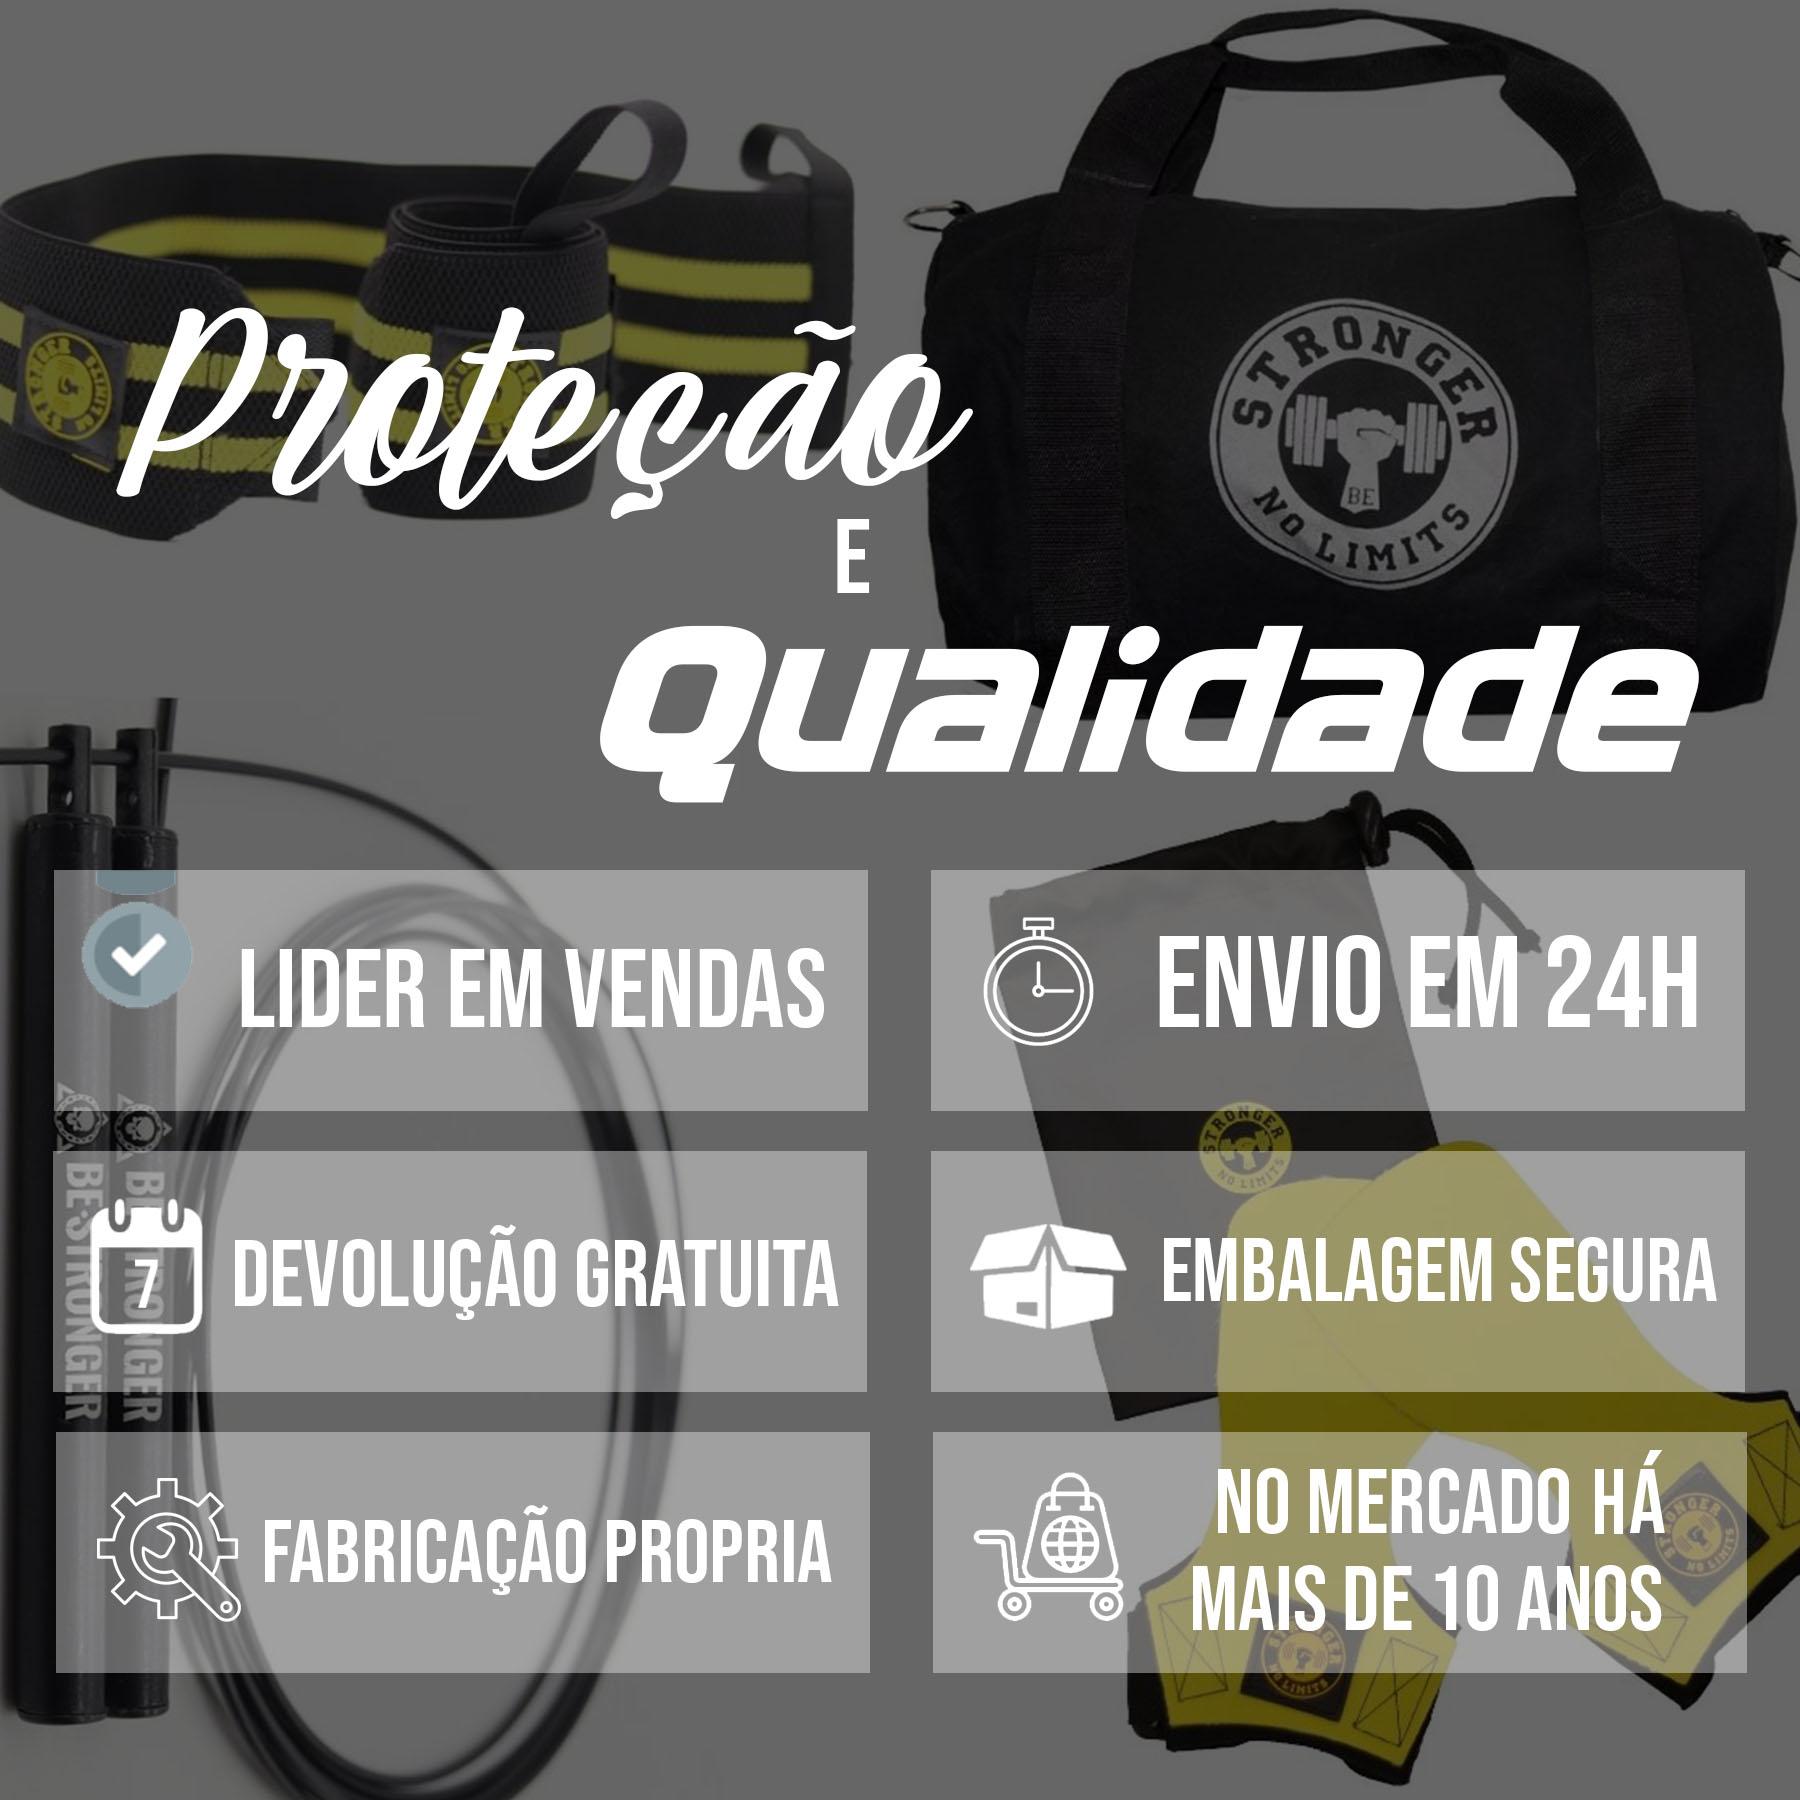 Hand Grip Thor Especial Edition + Bolsa de Treino Preta + Corda Be Stronger Preta + Munhequeira Elástica Amarela